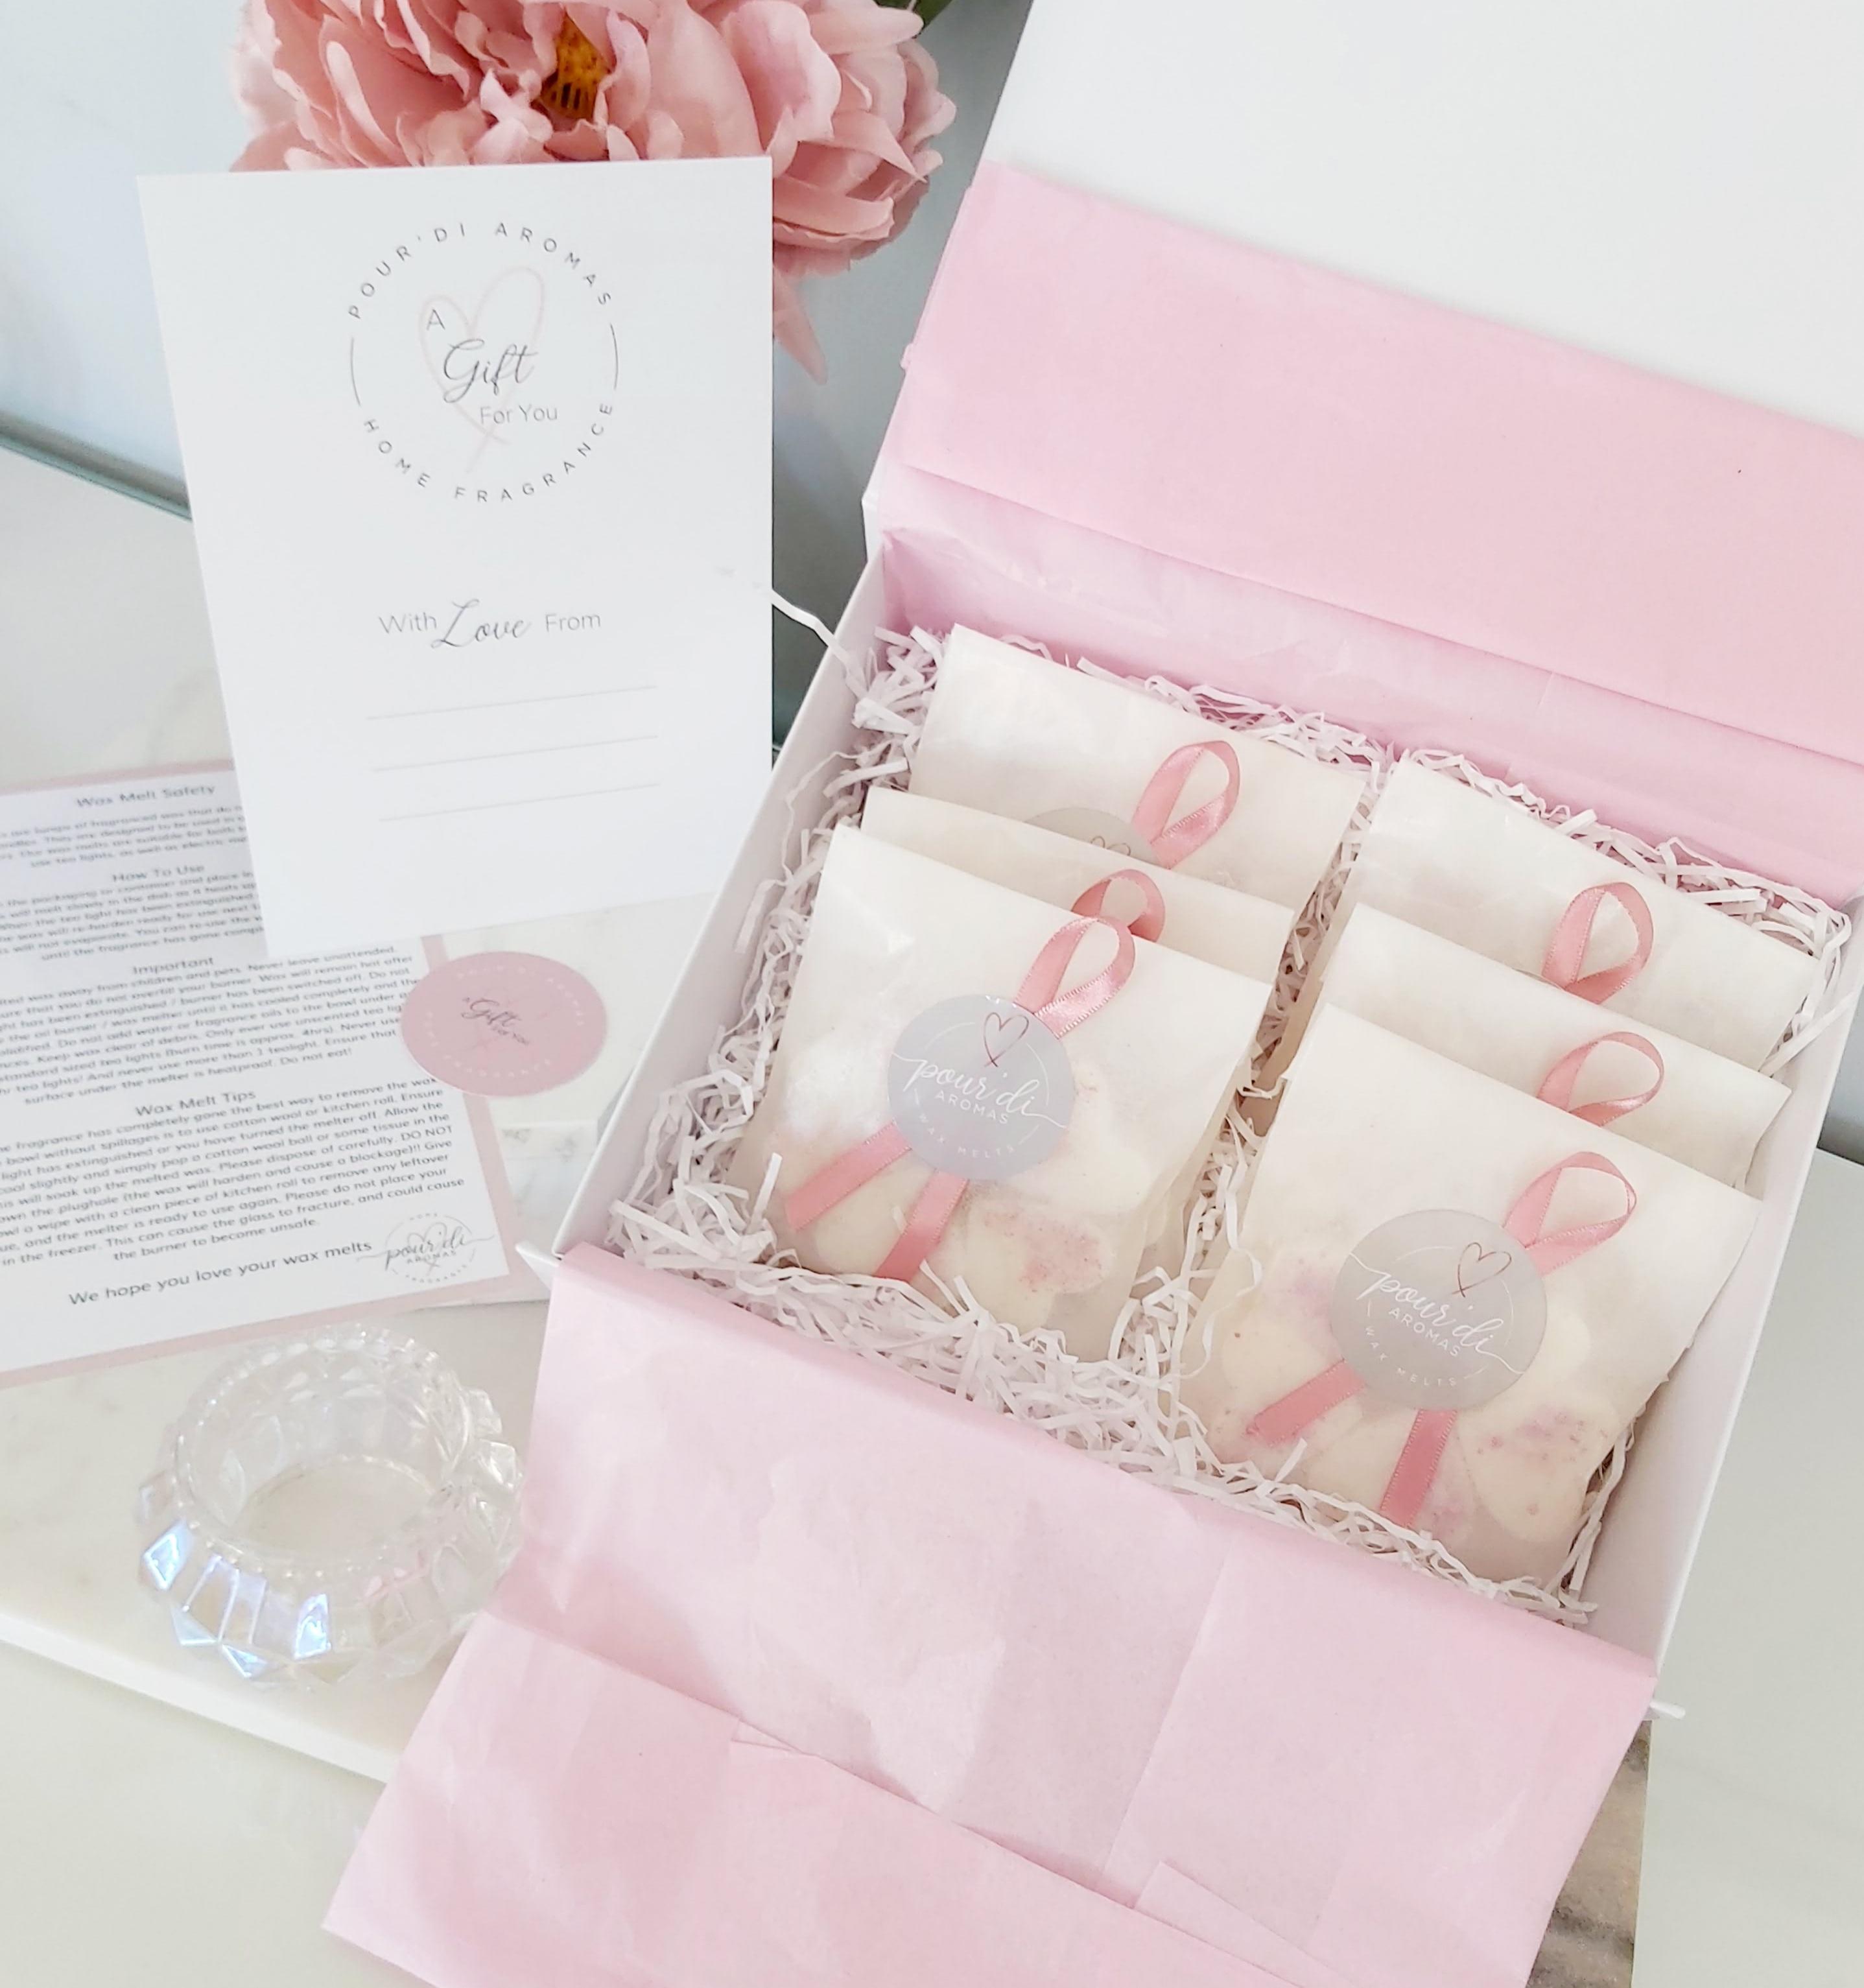 Summer Wax Melt Gift Box